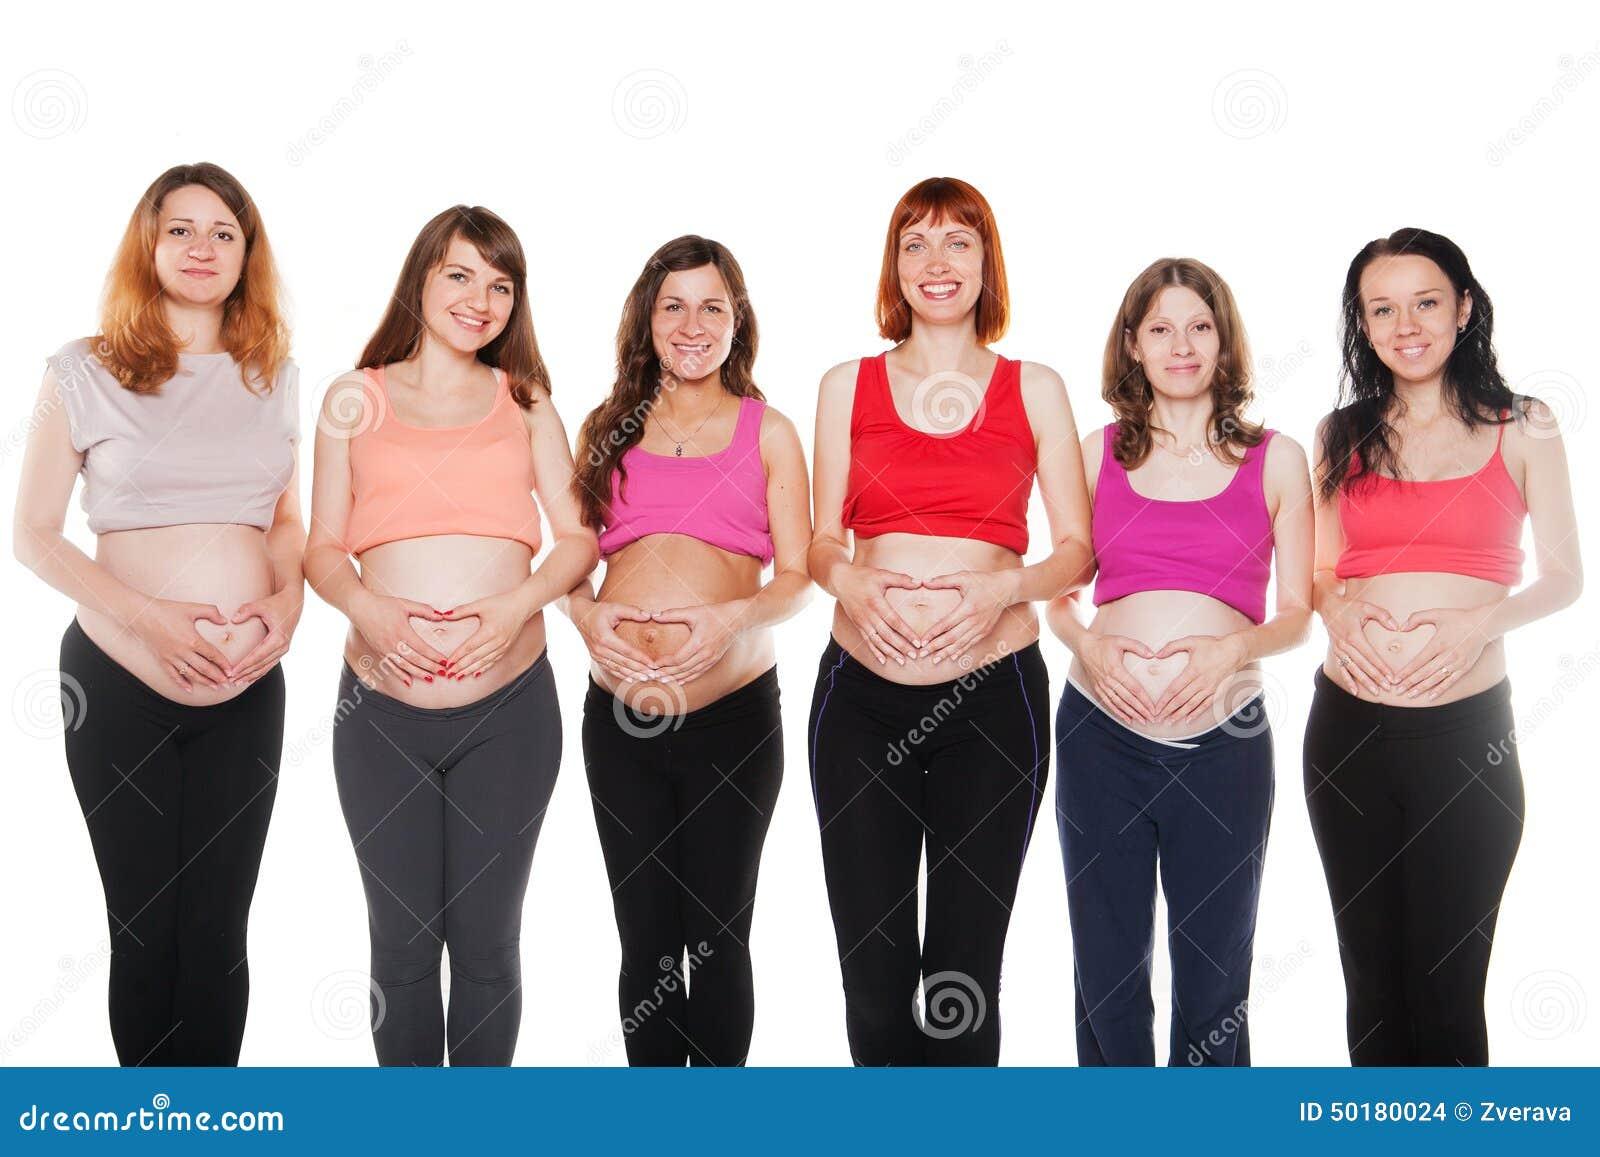 Беременная с шестью детьми